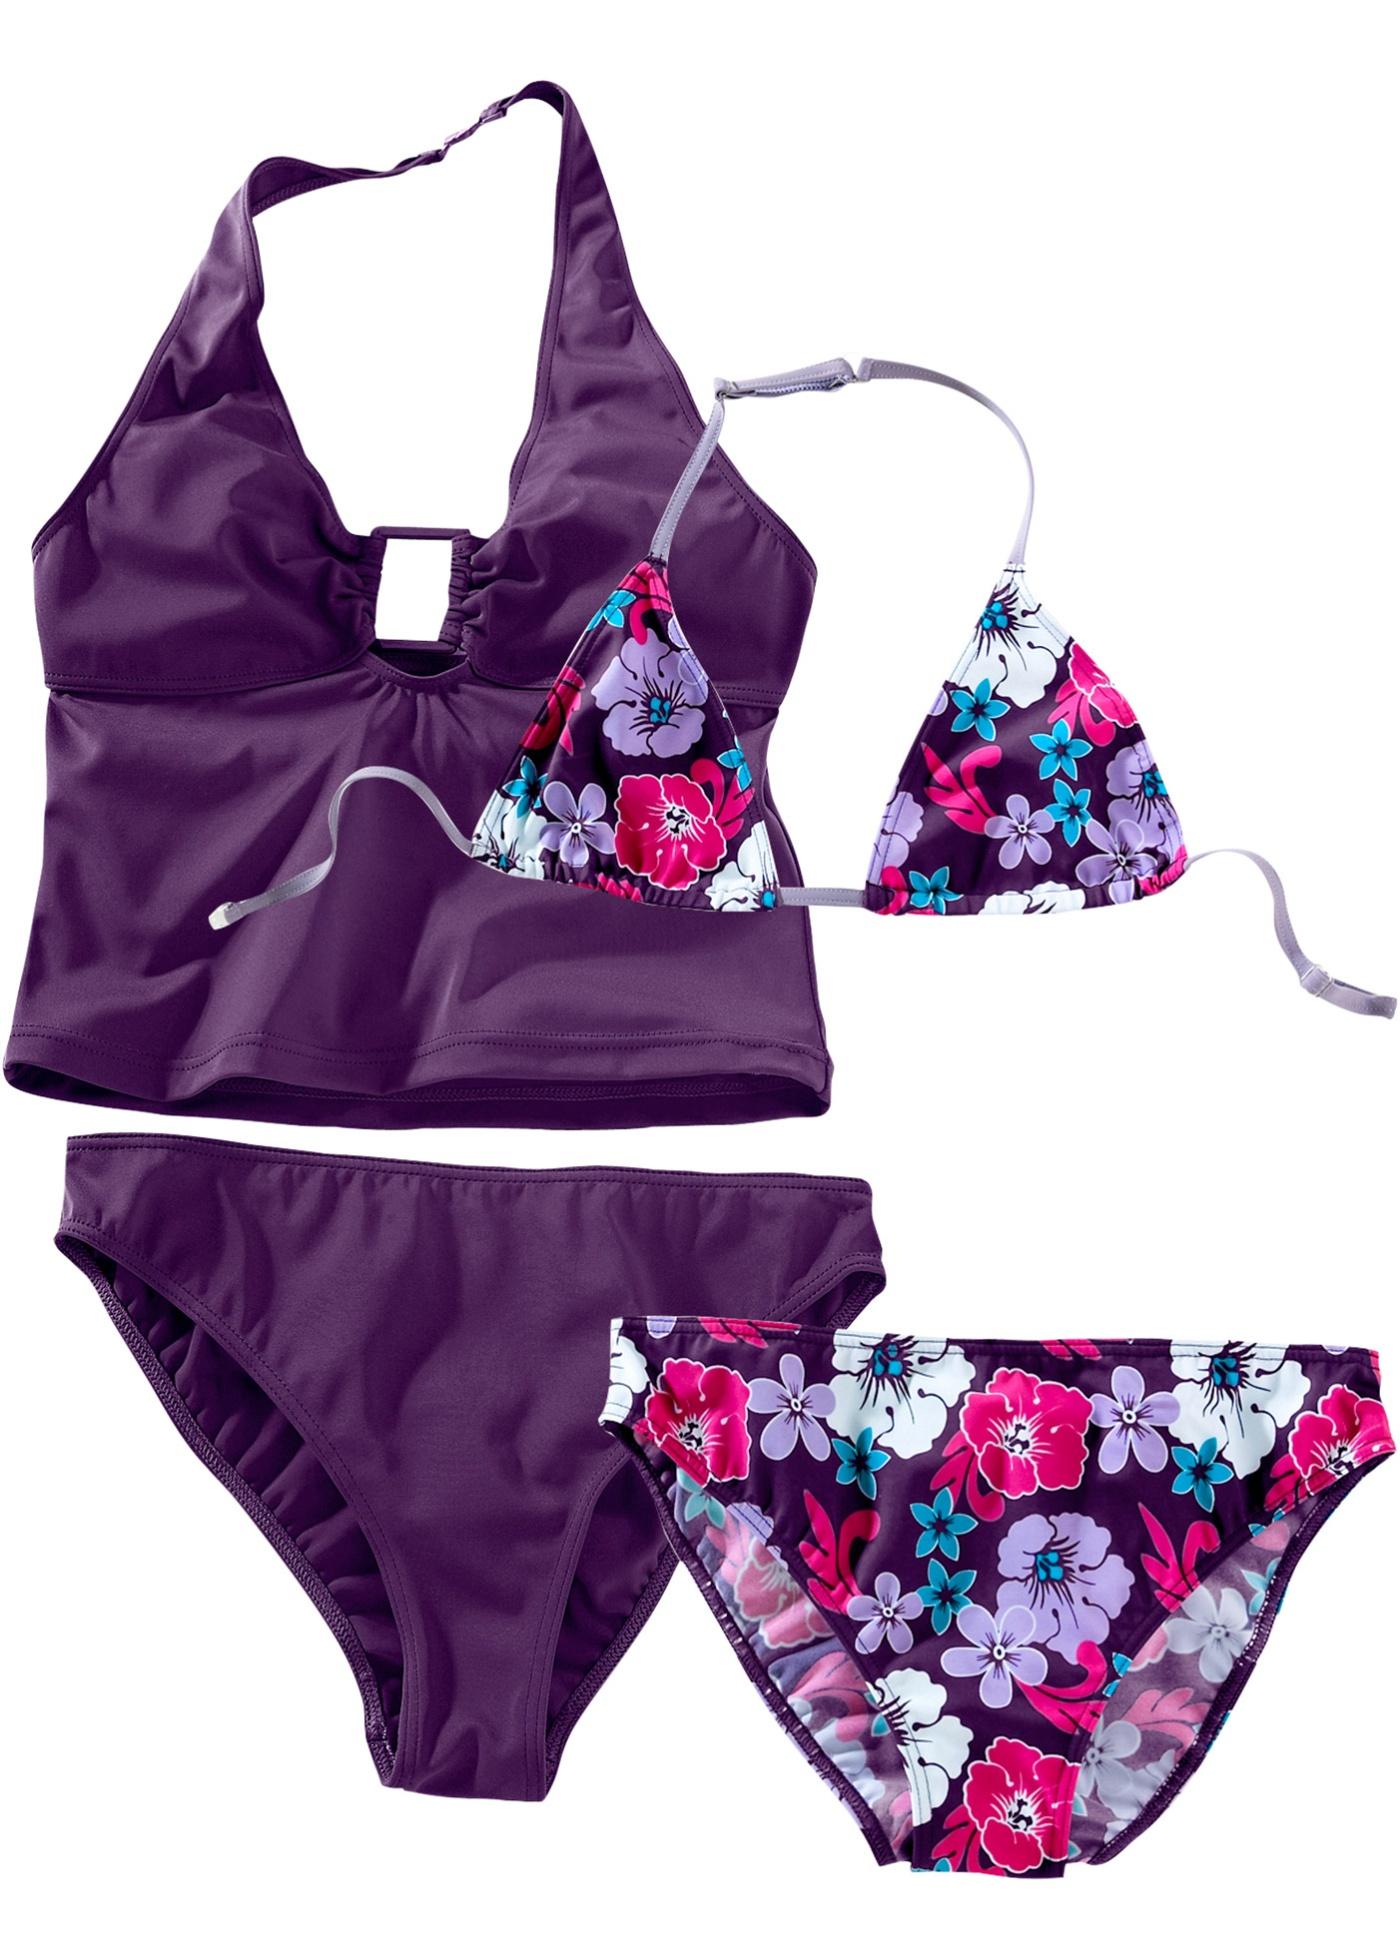 Bikini + tankini fille (Ens. 4 pces.)